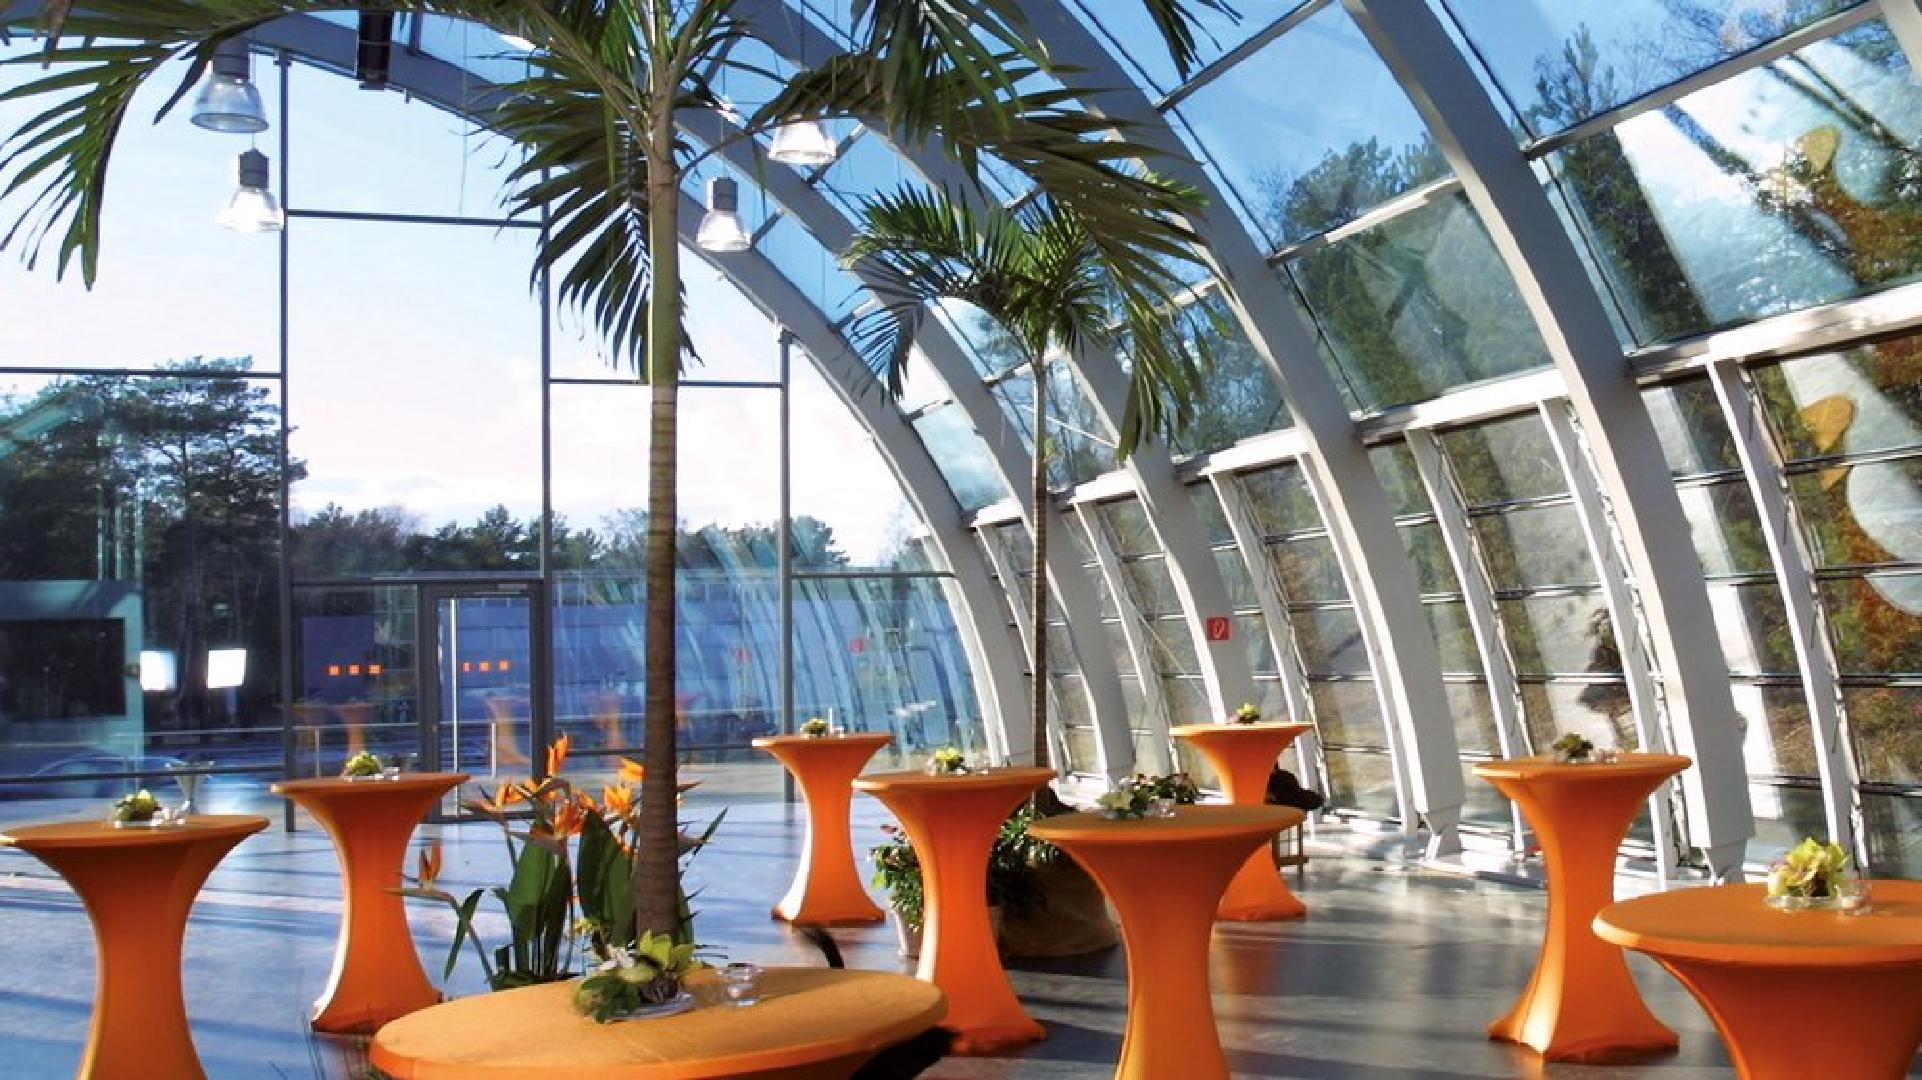 Bild 2 von Tagungen im Tropical Islands - intern / extern , drinnen oder draußen, wie sie mögen !